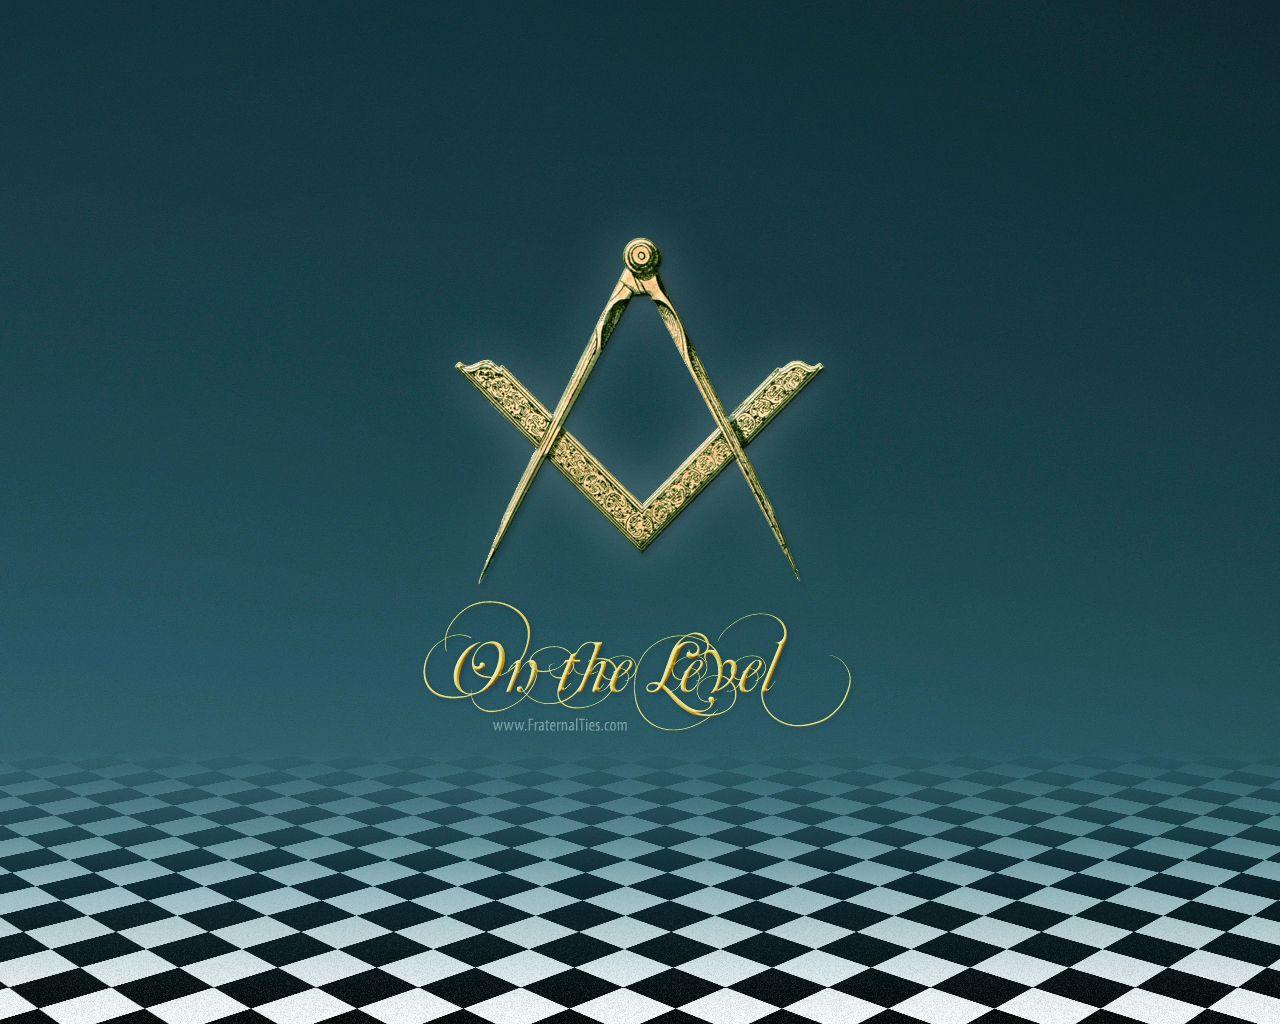 masonic fraternalties neckties on the level freemason